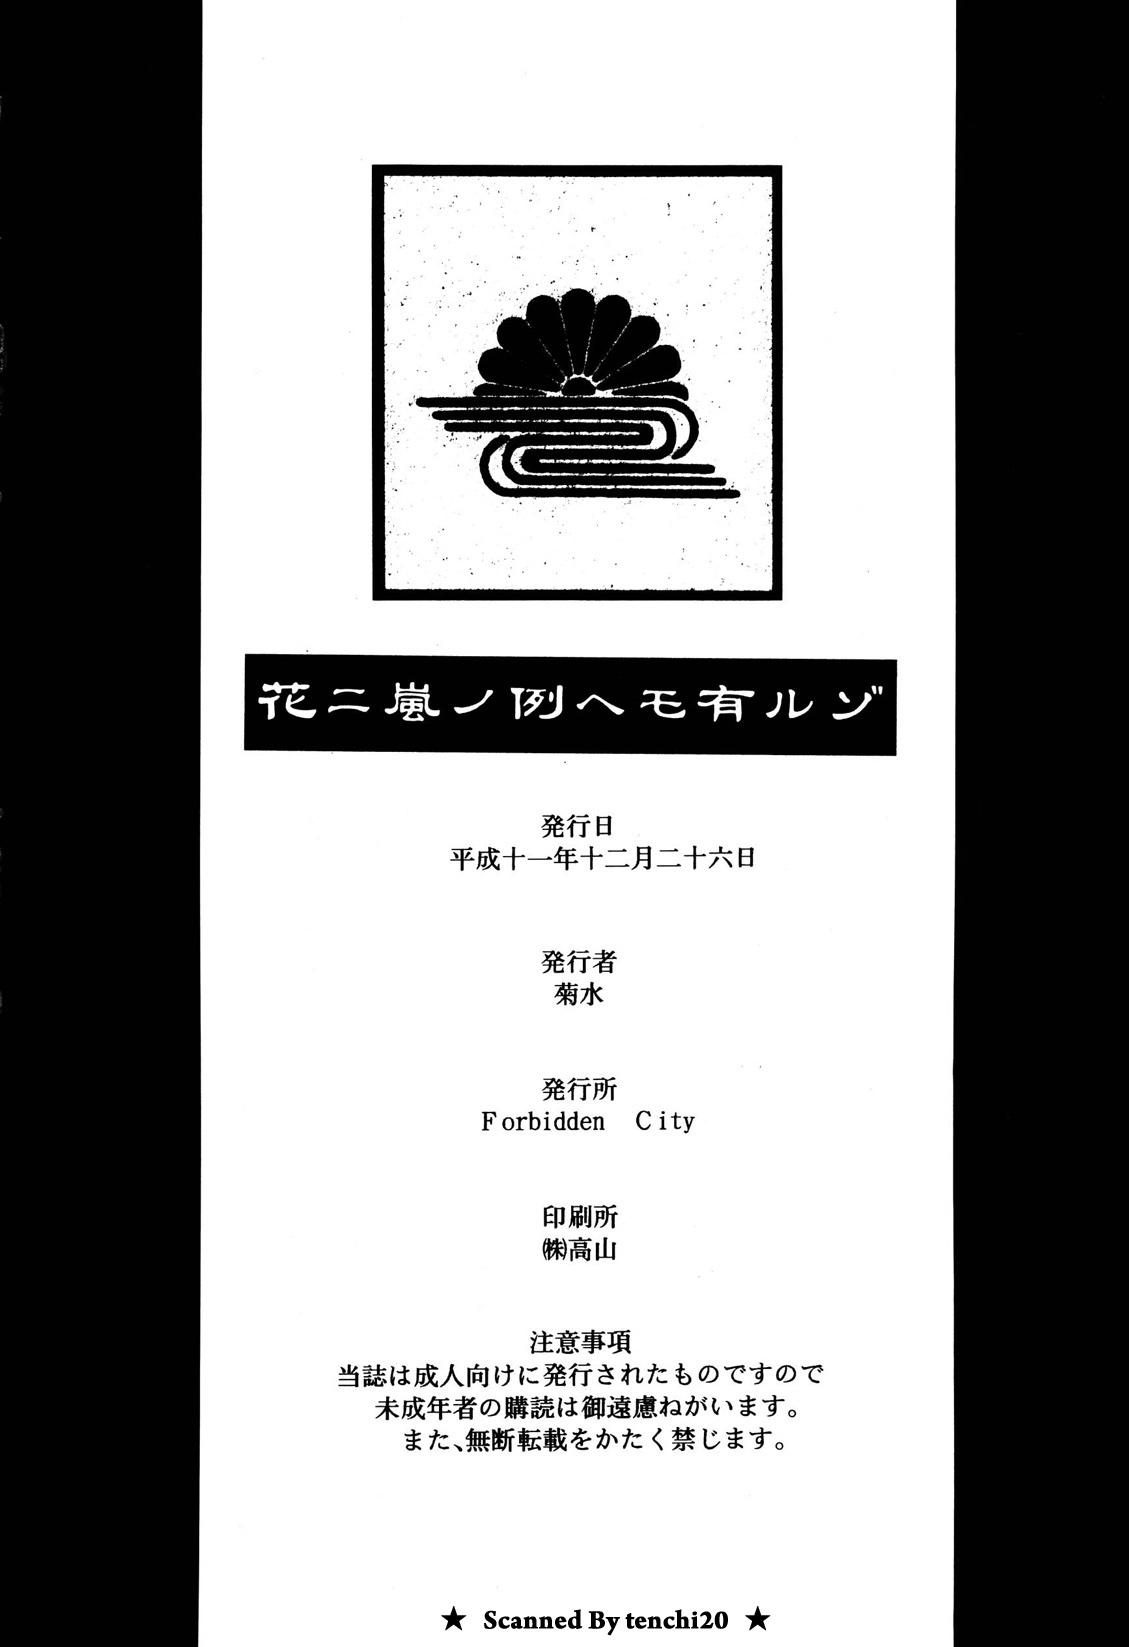 Hana ni Arashi no Rei hemo Aruzo 38